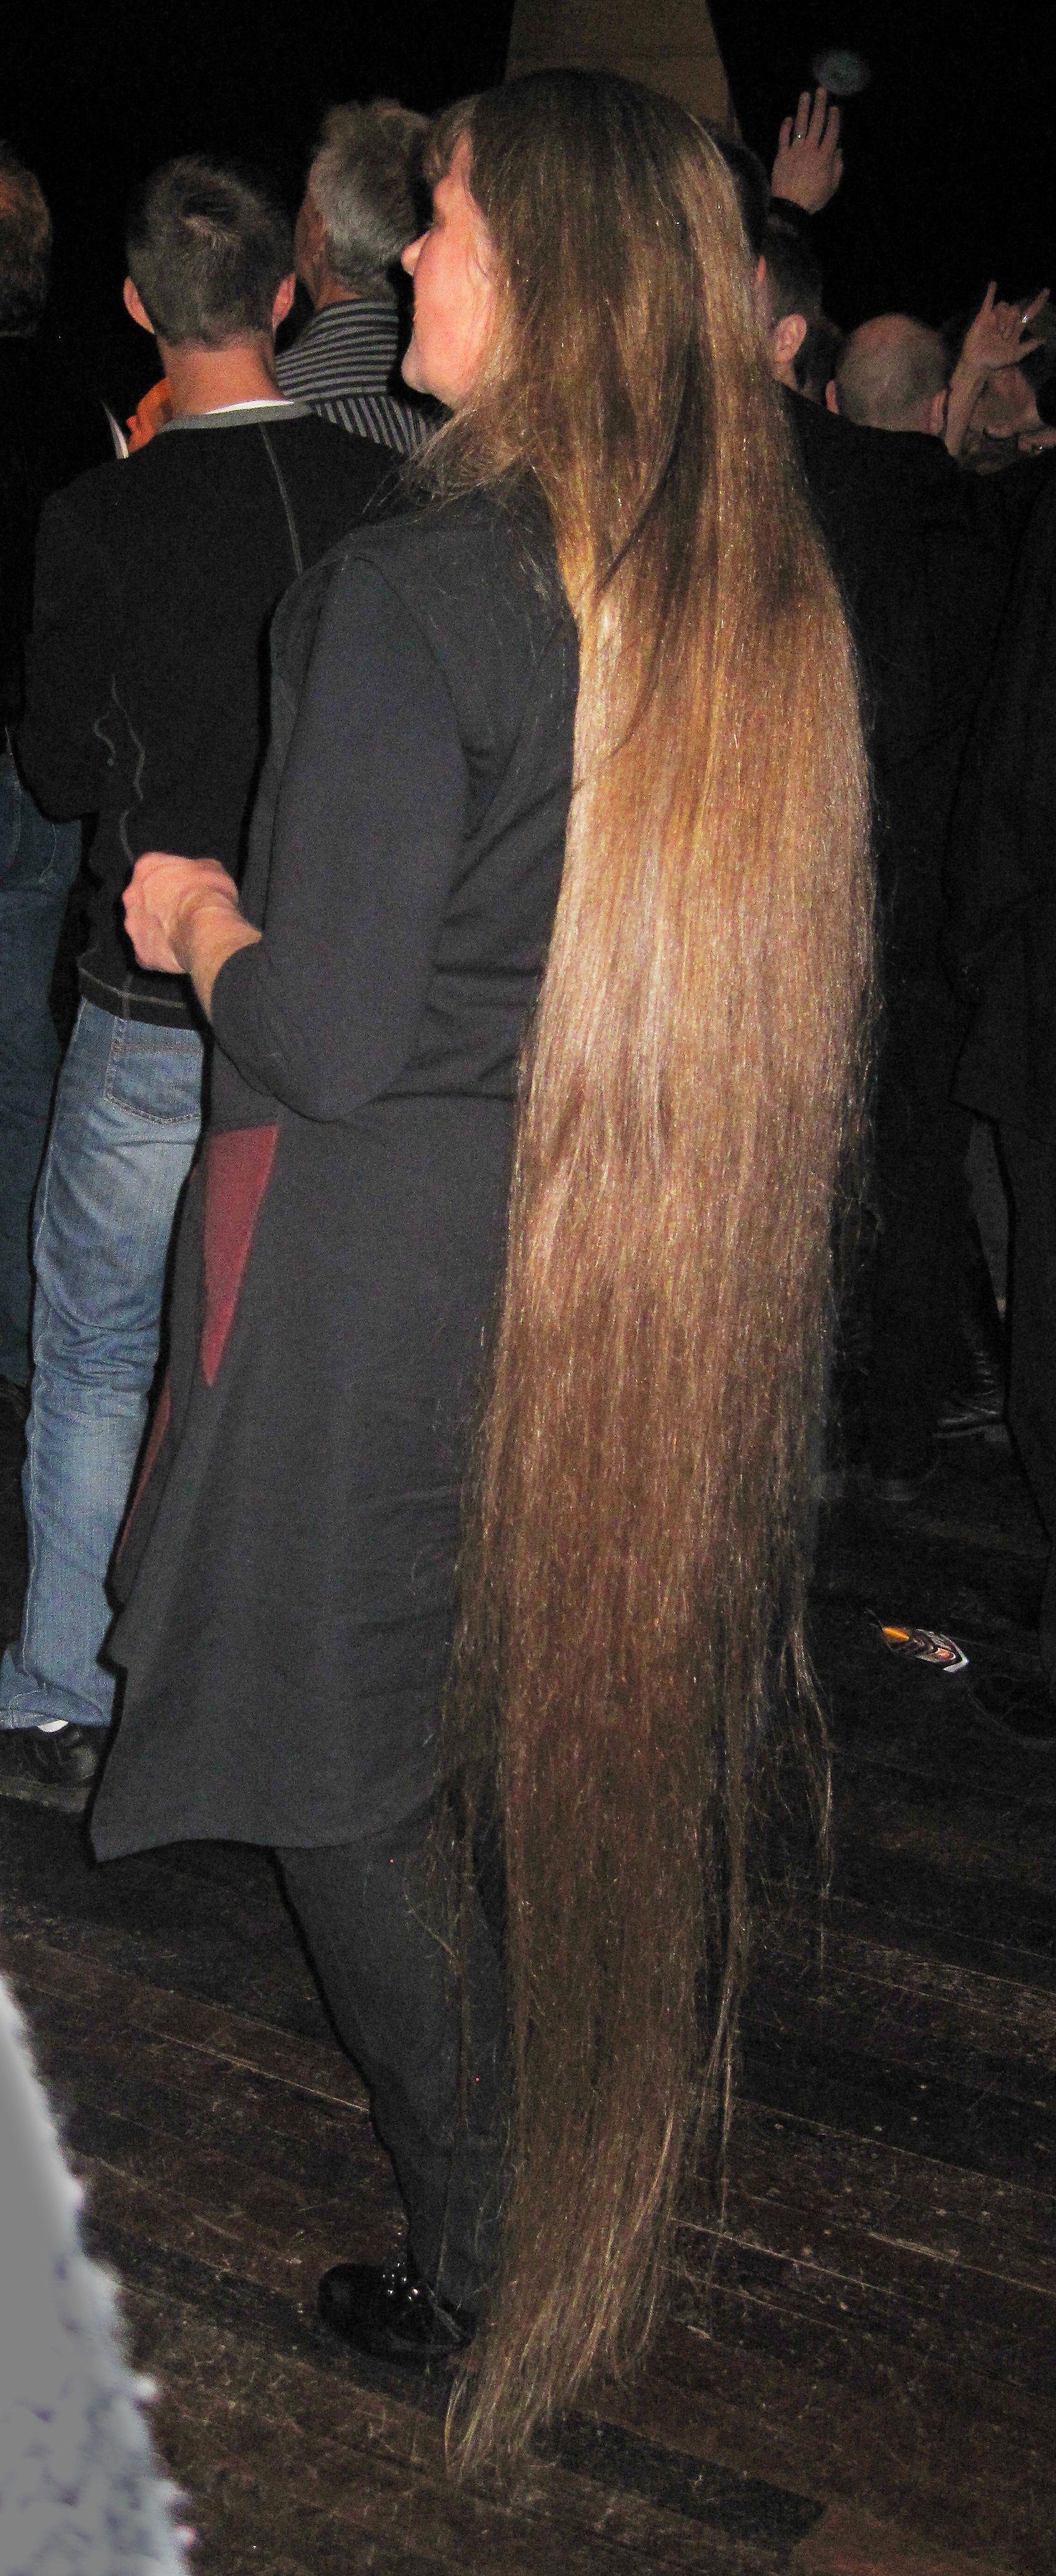 långt hår tik blond